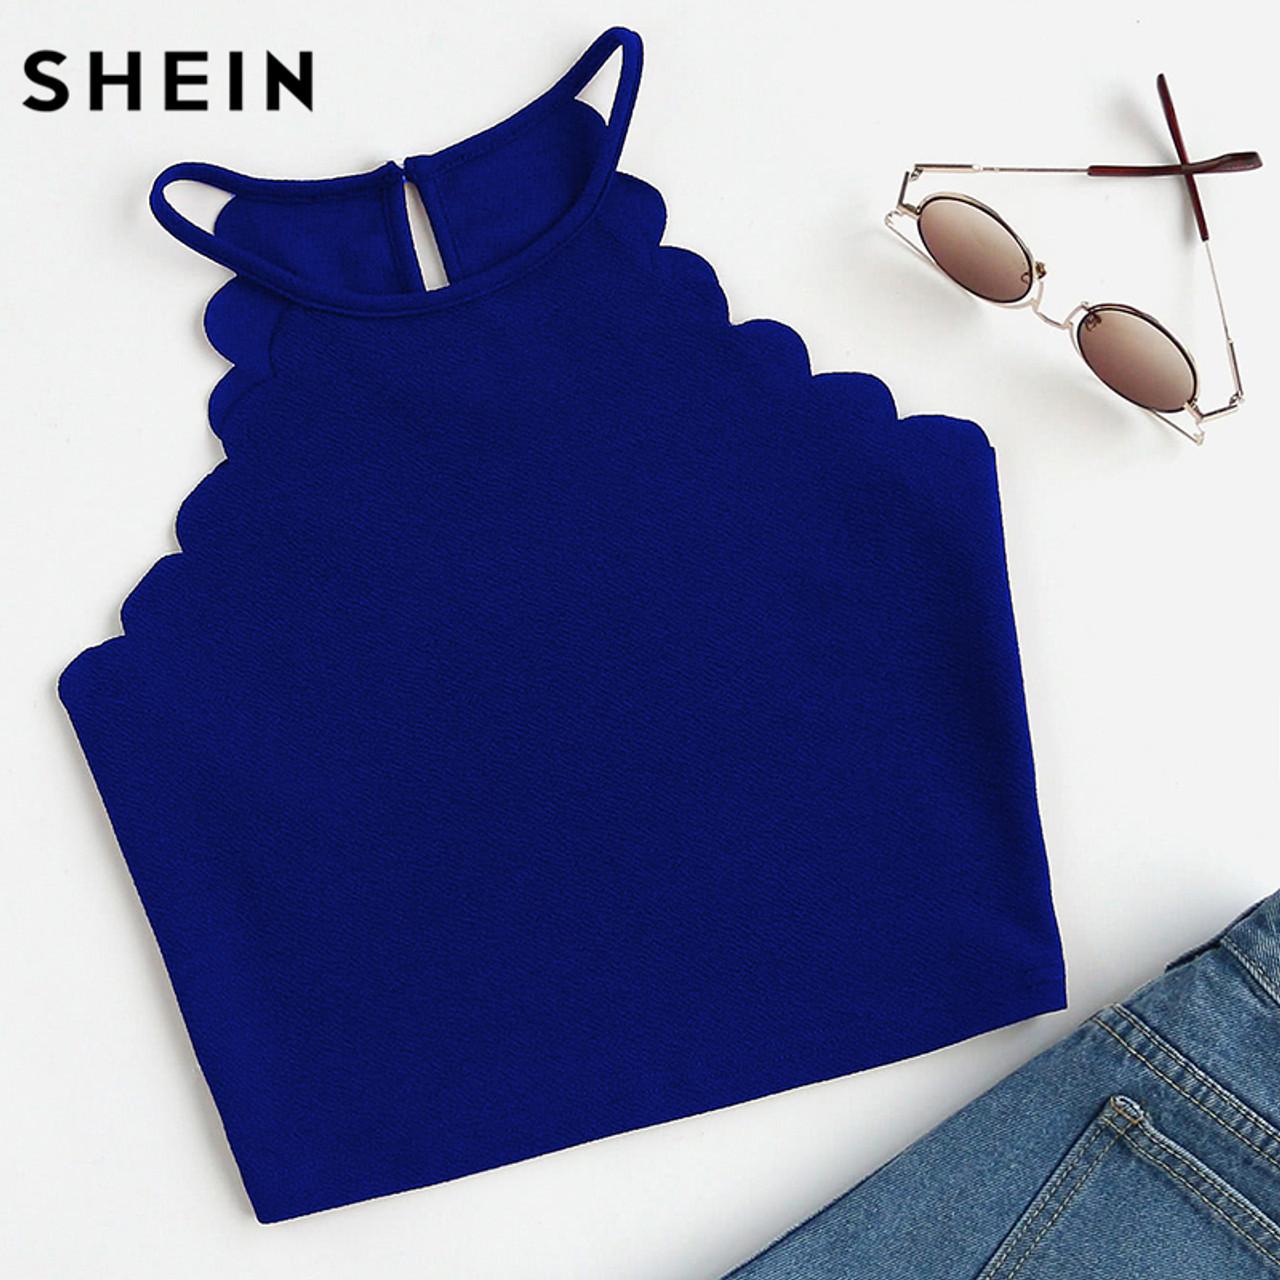 63def8289f ... SHEIN Crop Tops Women 2017 Solid Blue Scallop Trim Halter Top Summer  Women's Sleeveless Camisole Women ...